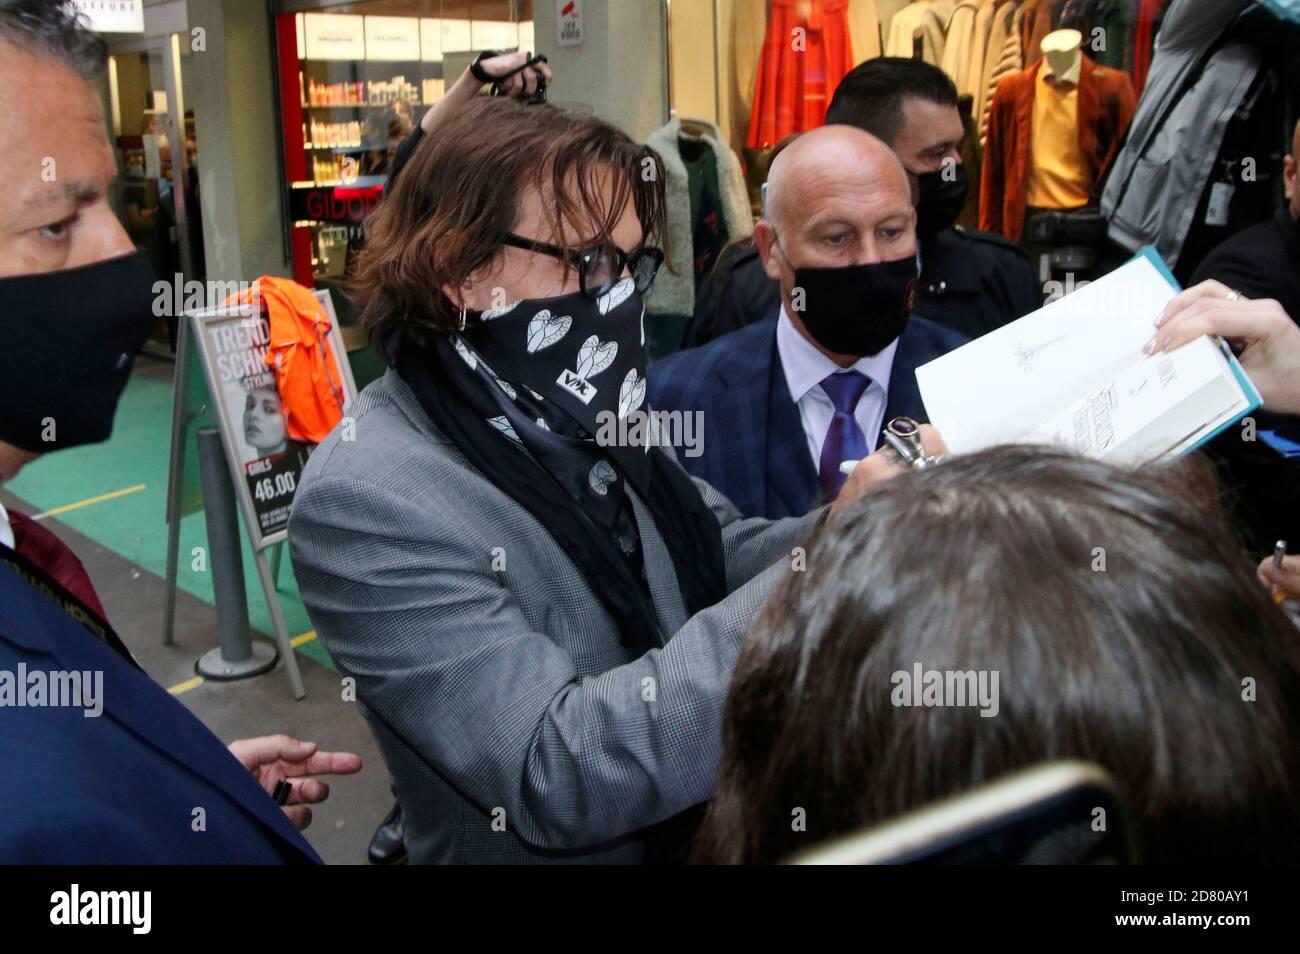 """Johnny Depp bei der Premiere von """"Crock of Gold: A few rounds with Shane McGowan"""" während des 16. Zürcher Filmfestivals im Kino Corso am 02. Oktober 2020 in Zürich, Schweiz. Stockfoto"""